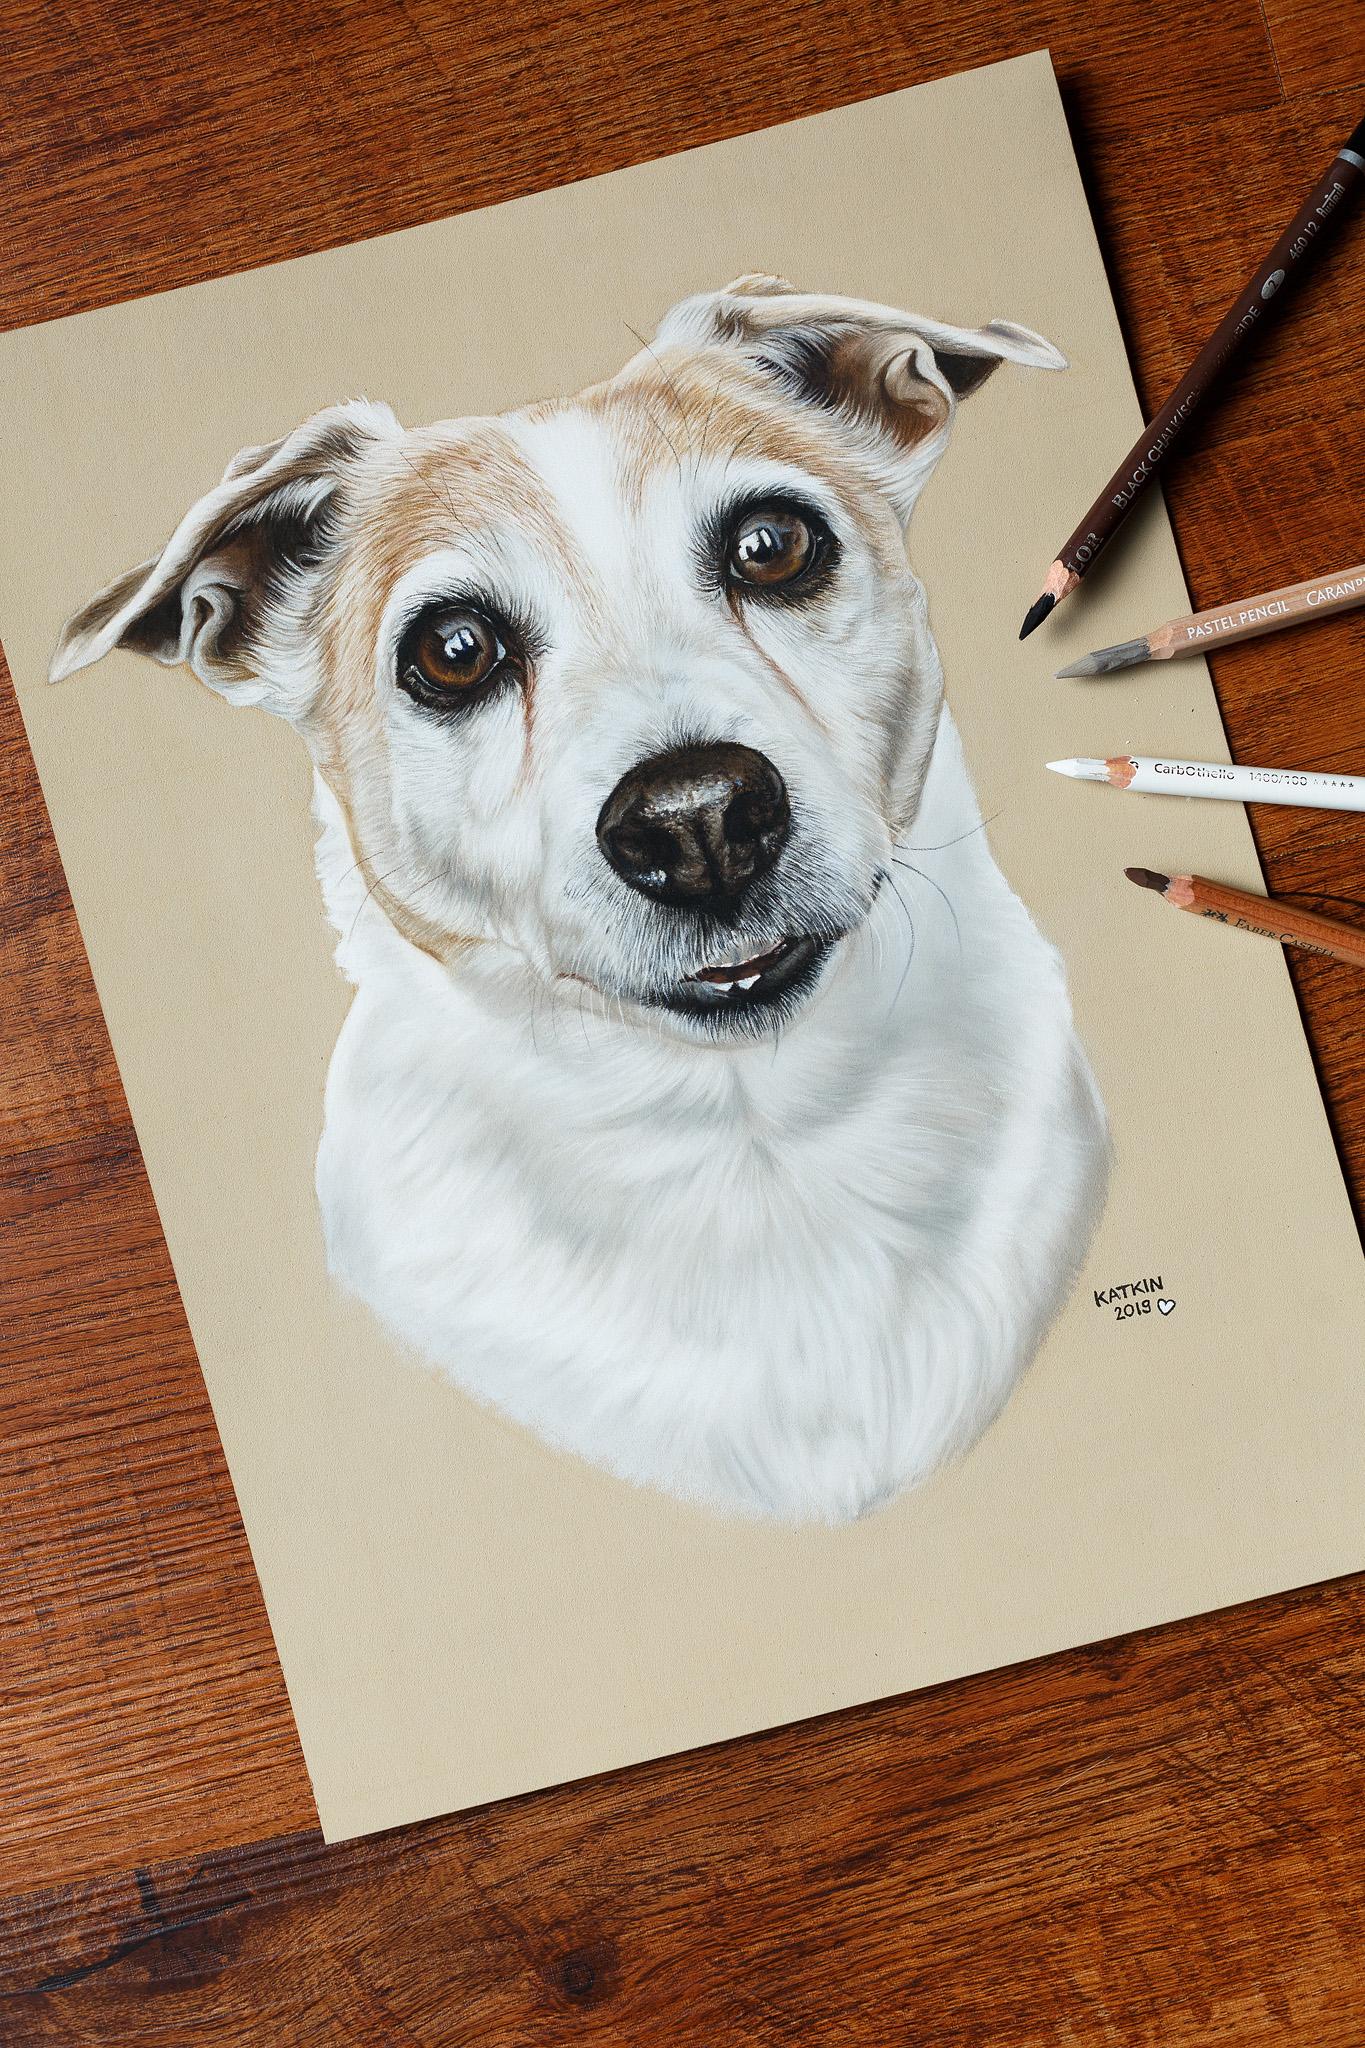 Jack Russell Terrier Bijou, 24x32 cm